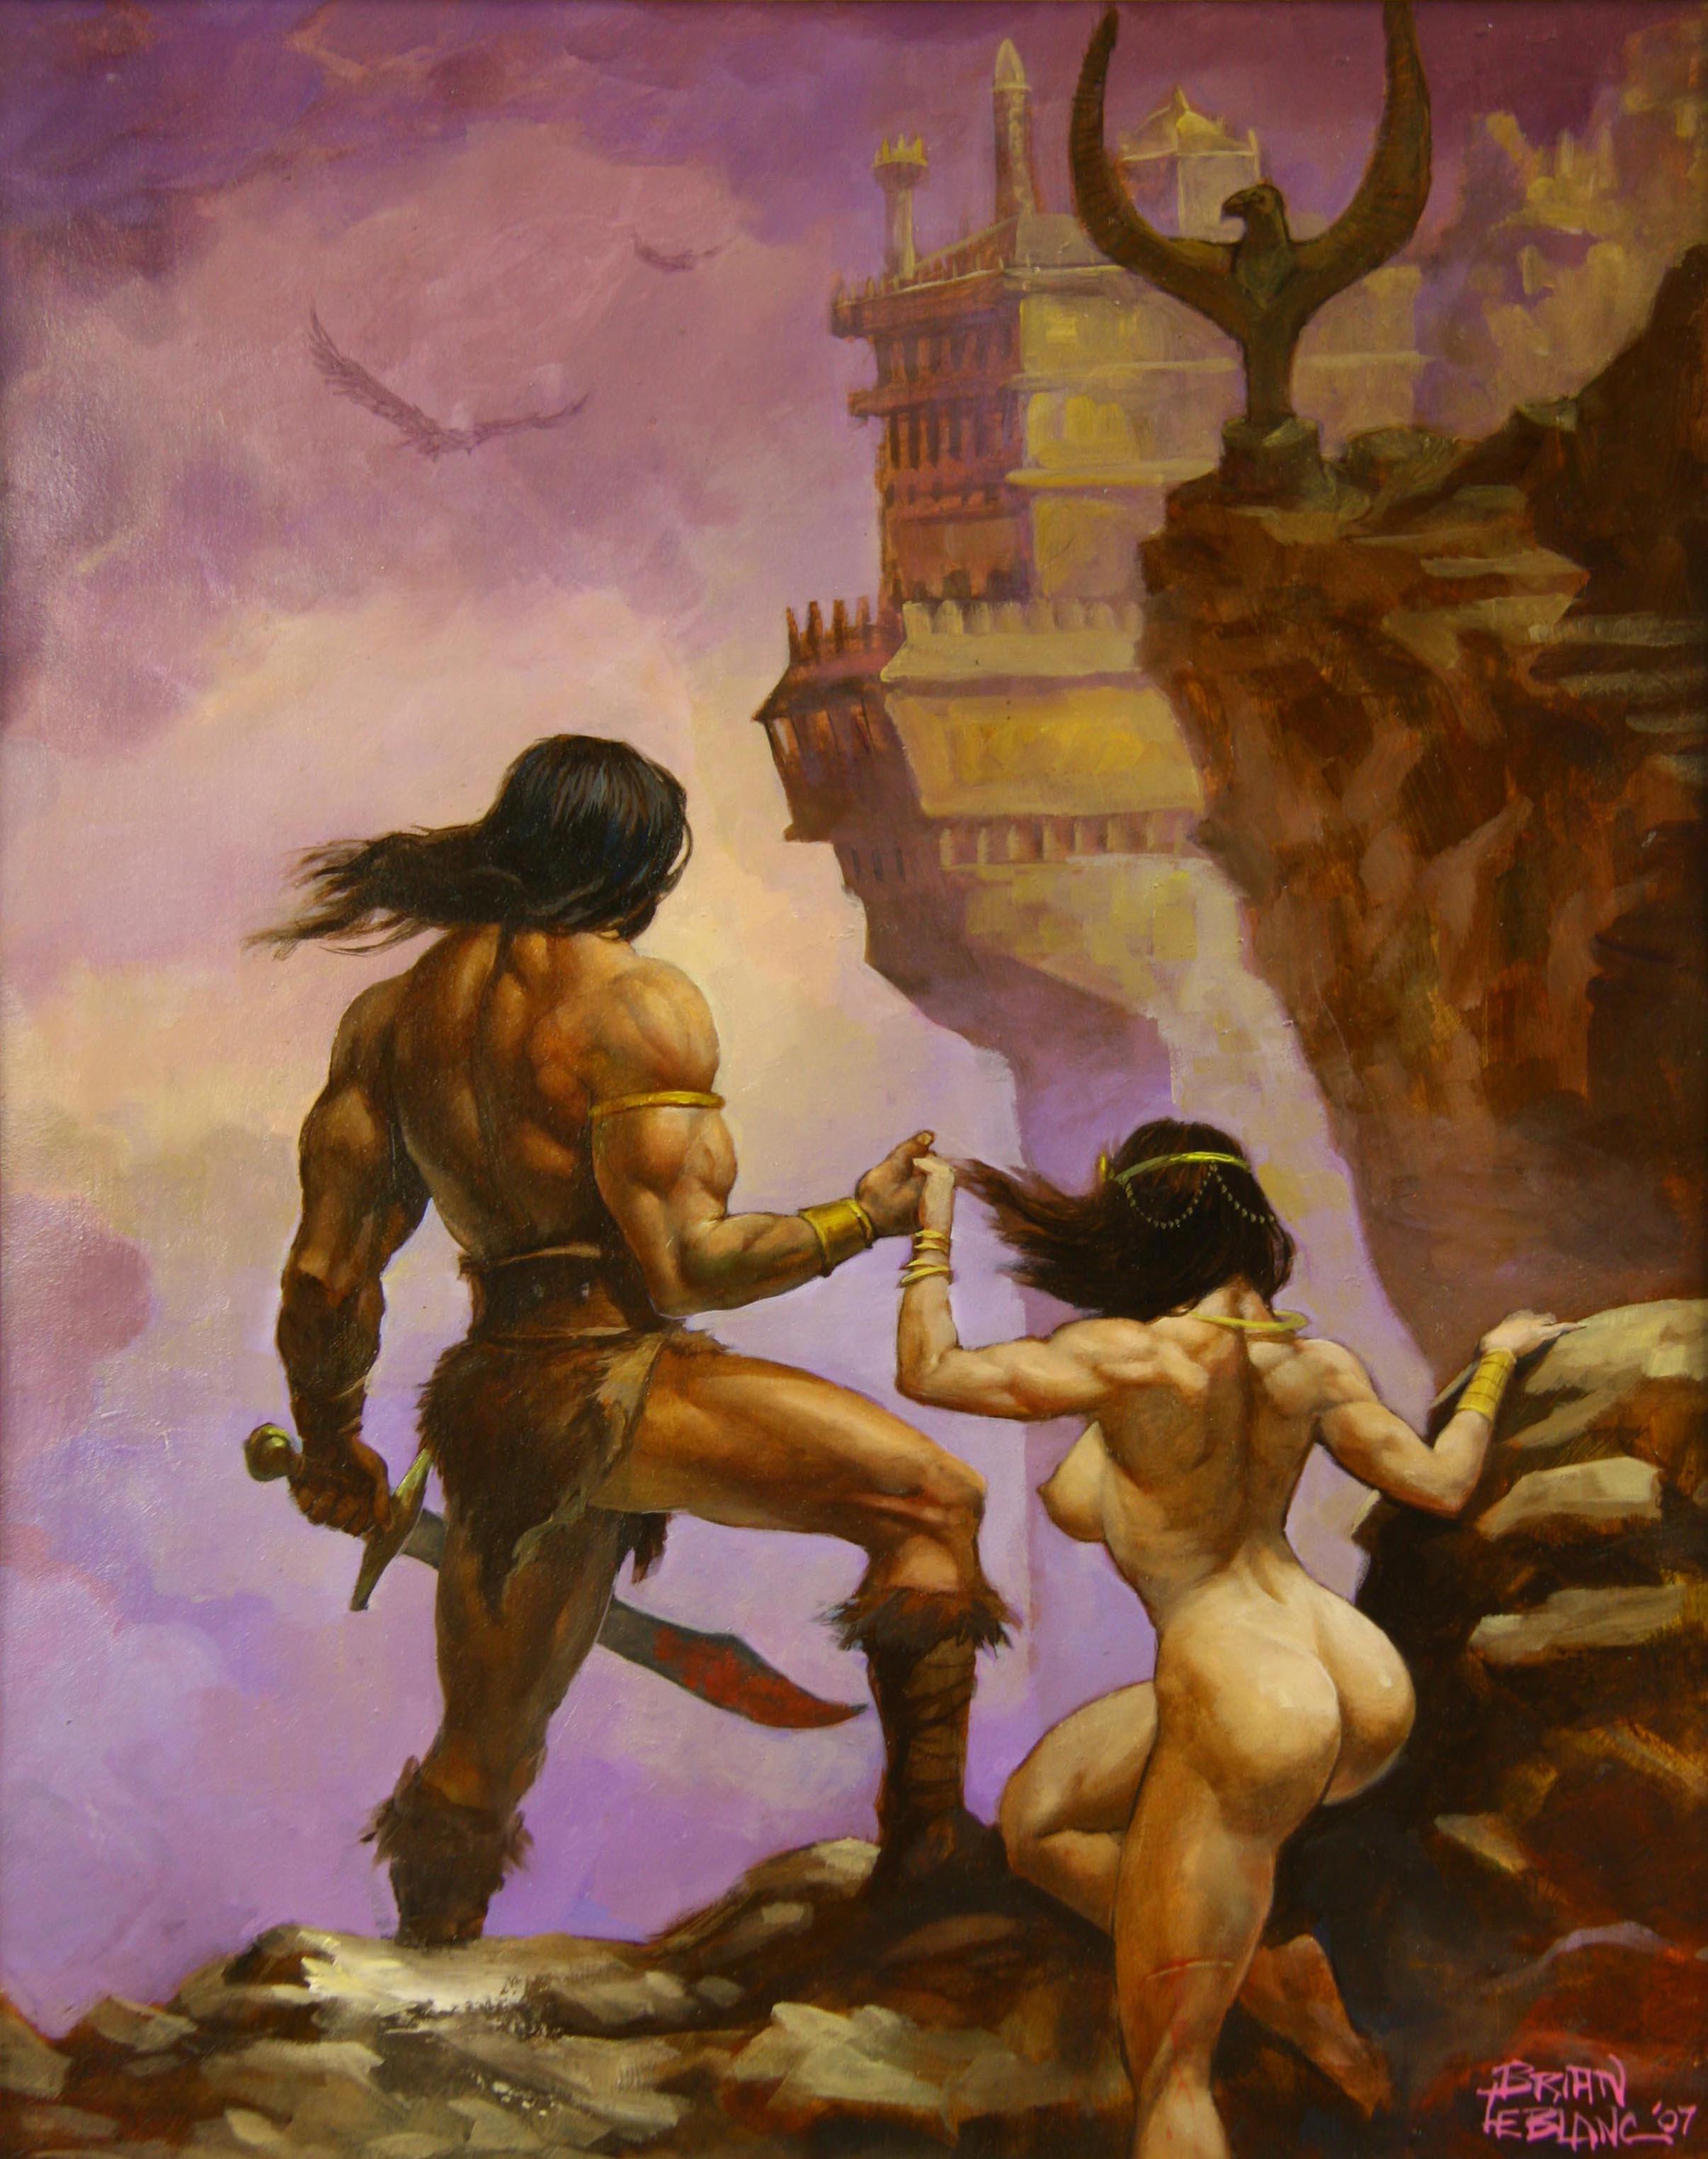 стандарты красоты мужская привлекательность для женщин мужская сила отвратительные мужики disgusting men